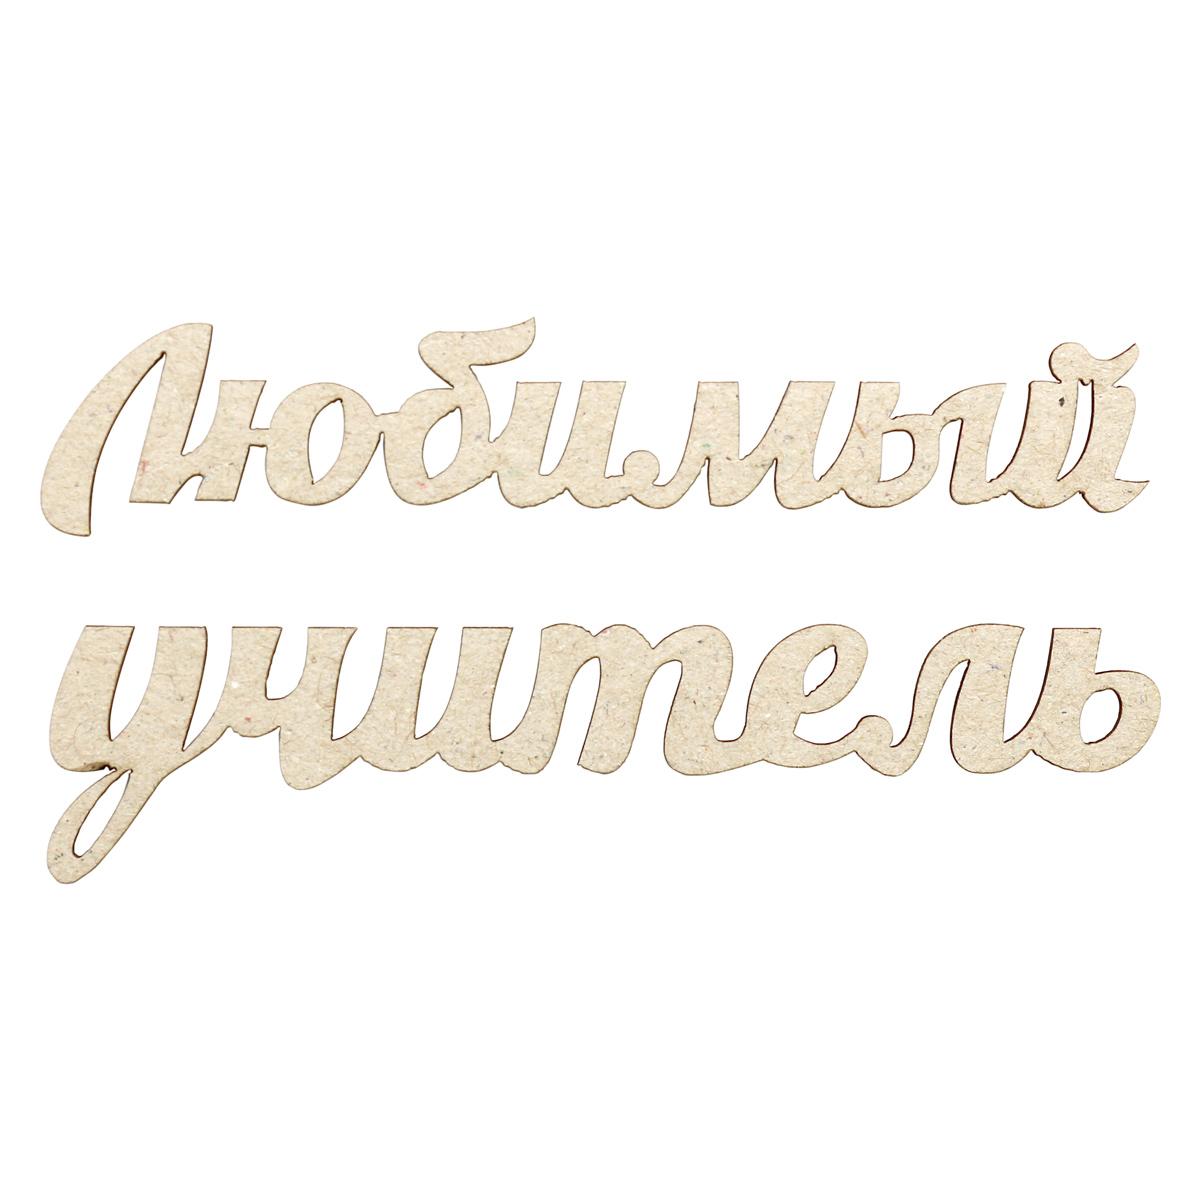 ВК-112 Декоративный элемент 'Любимый учитель'8,4*3,8см Астра